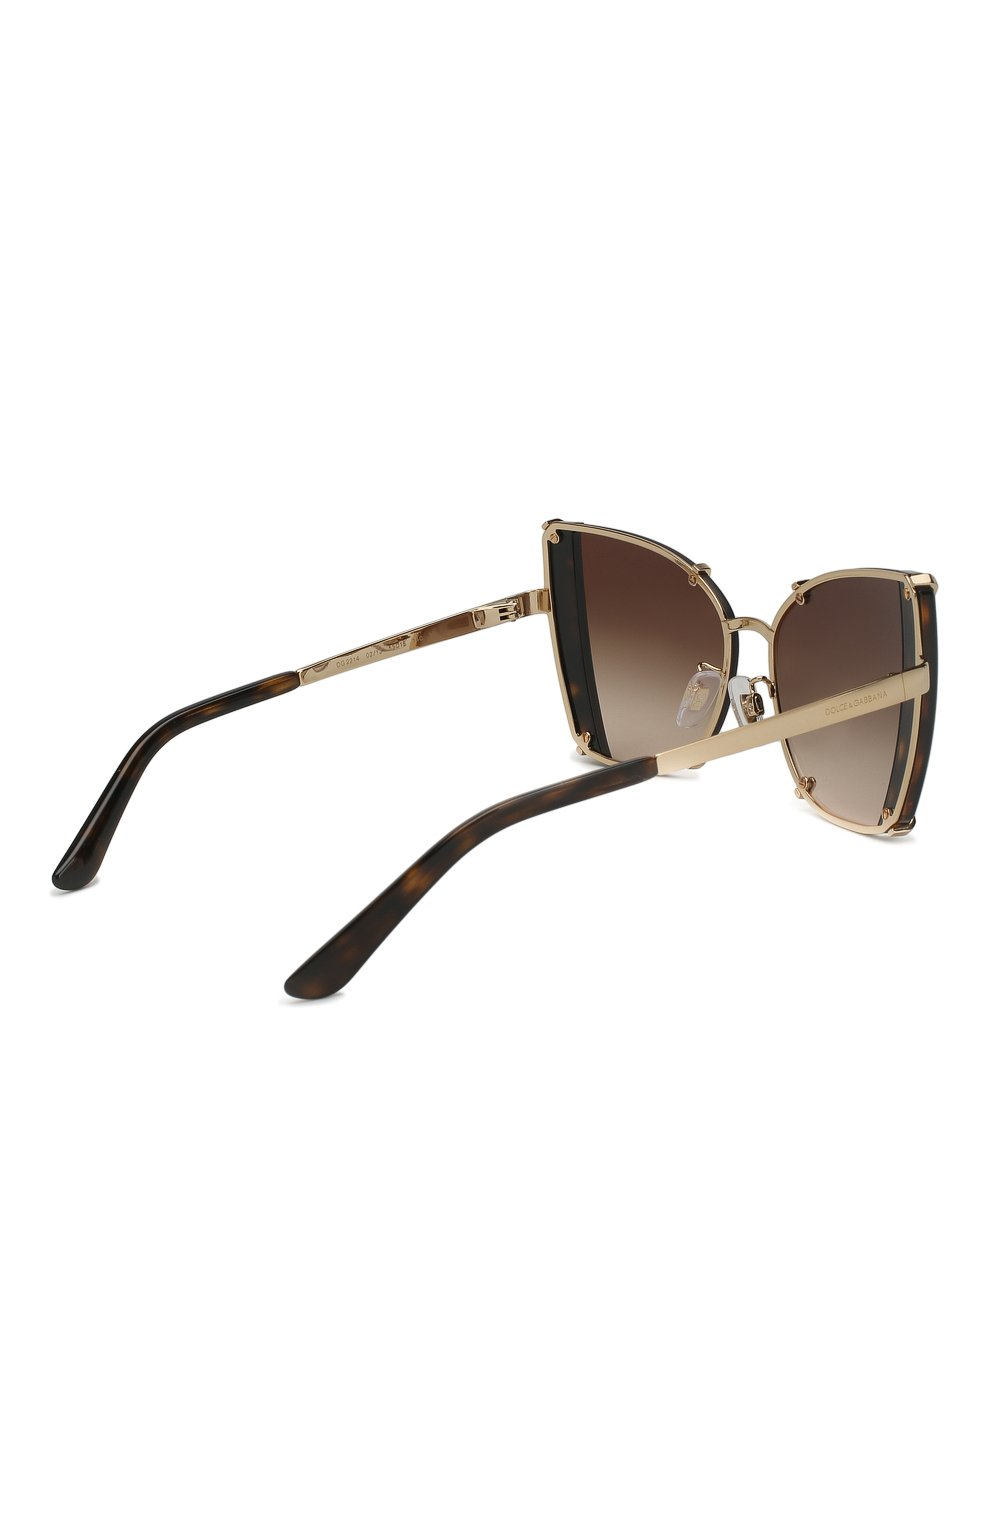 Женские солнцезащитные очки DOLCE & GABBANA коричневого цвета, арт. 2214-02/13   Фото 4